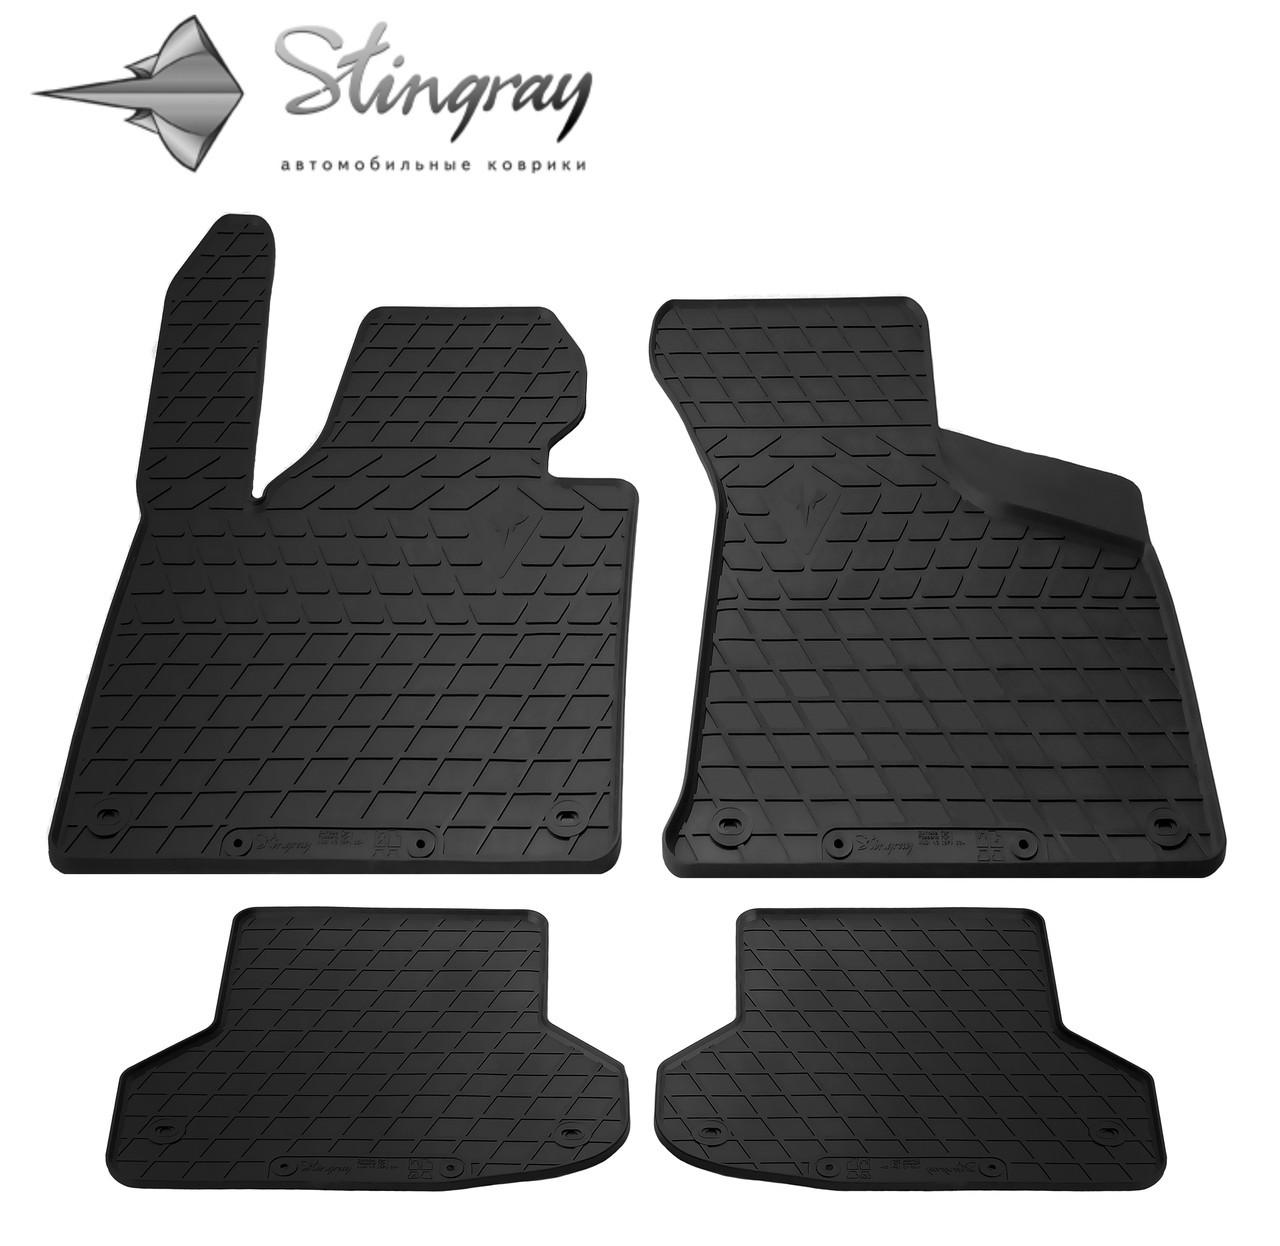 Автомобильные коврики Audi A3 (8P) 2003- Stingray